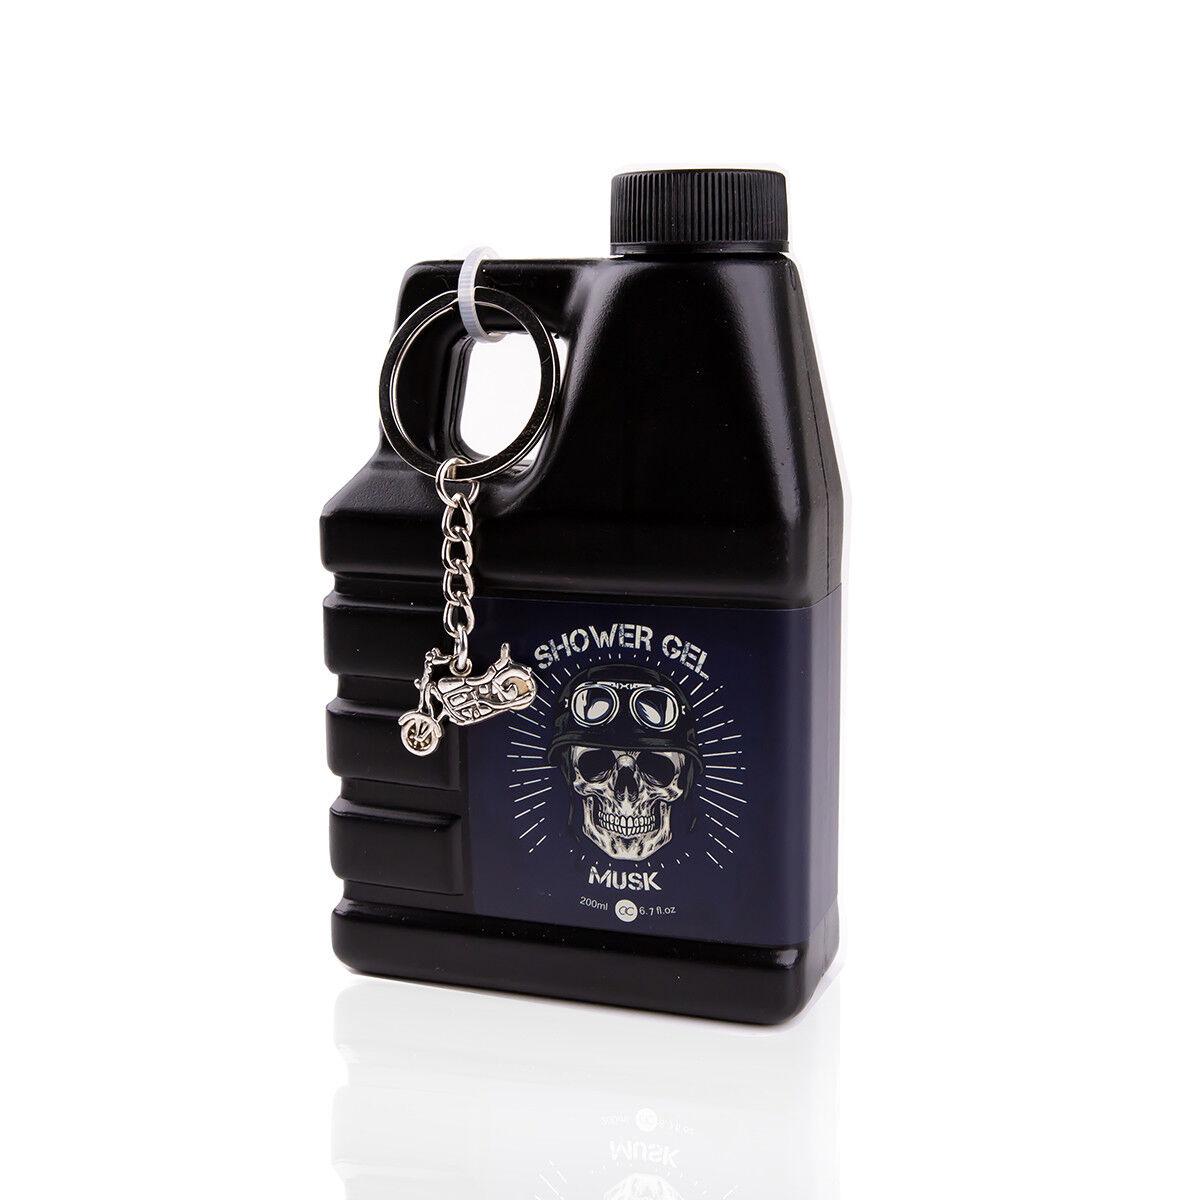 Duschgel für Männer im Motoröl Deko-Kanister 200ml, mit Schlüsselanhänger Bike